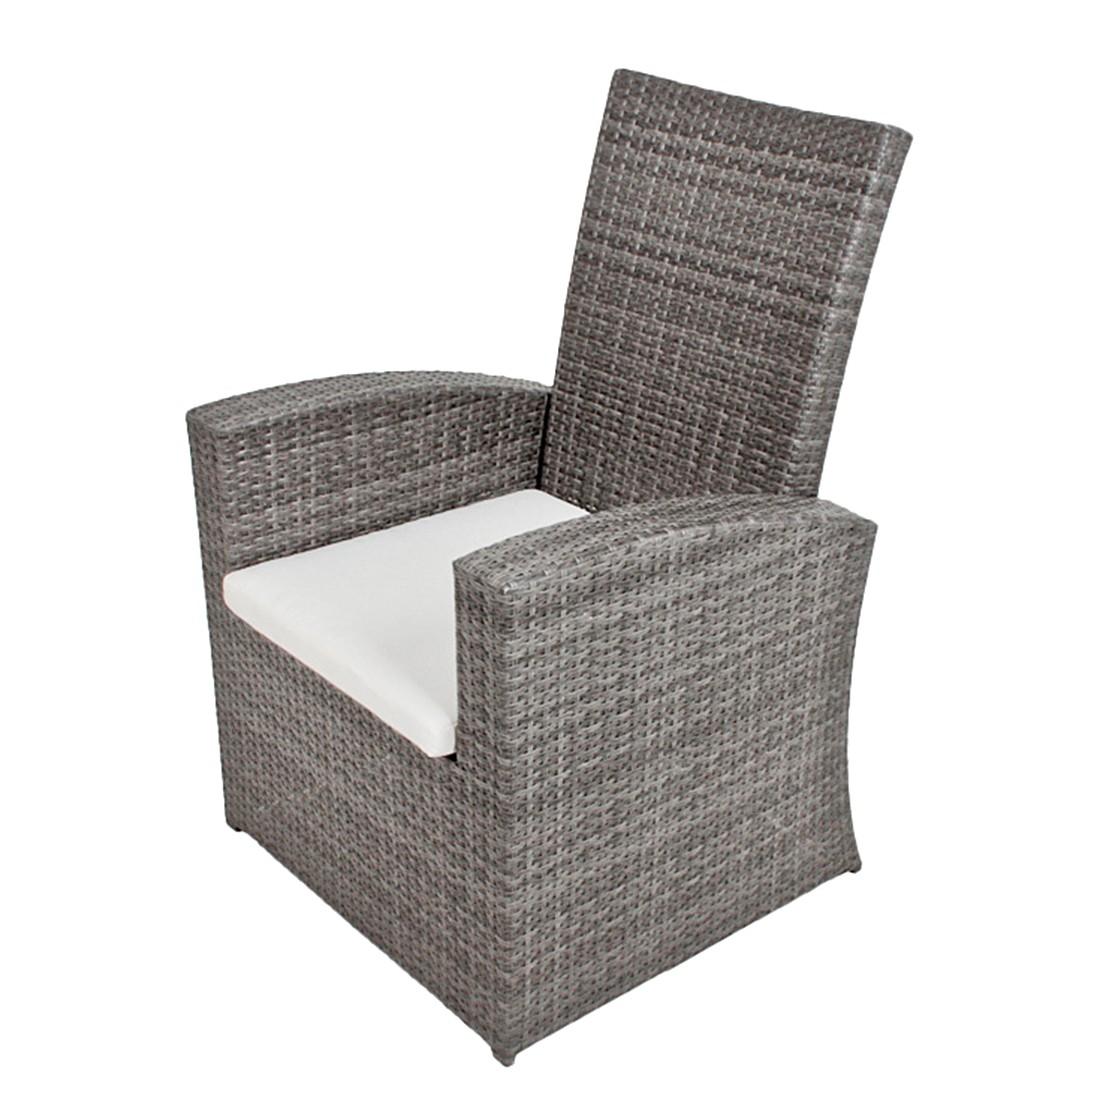 Relaxsessel Santa Lucia – Polyrattan Grau – Rückenlehne verstellbar, Garden Pleasure jetzt bestellen